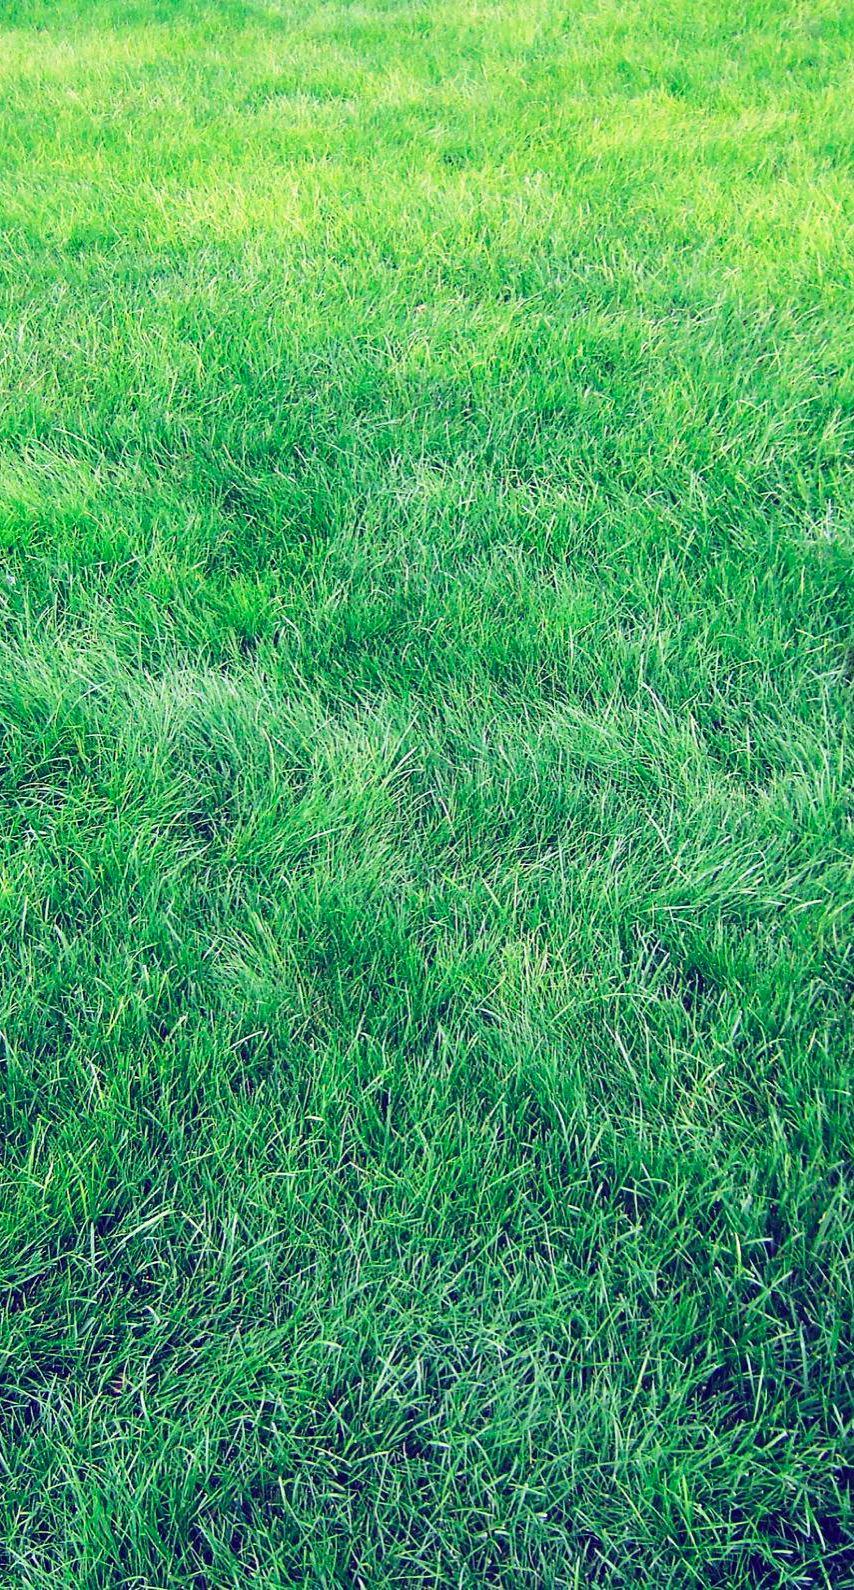 Natural Grass Green Wallpaper Sc Iphone6s